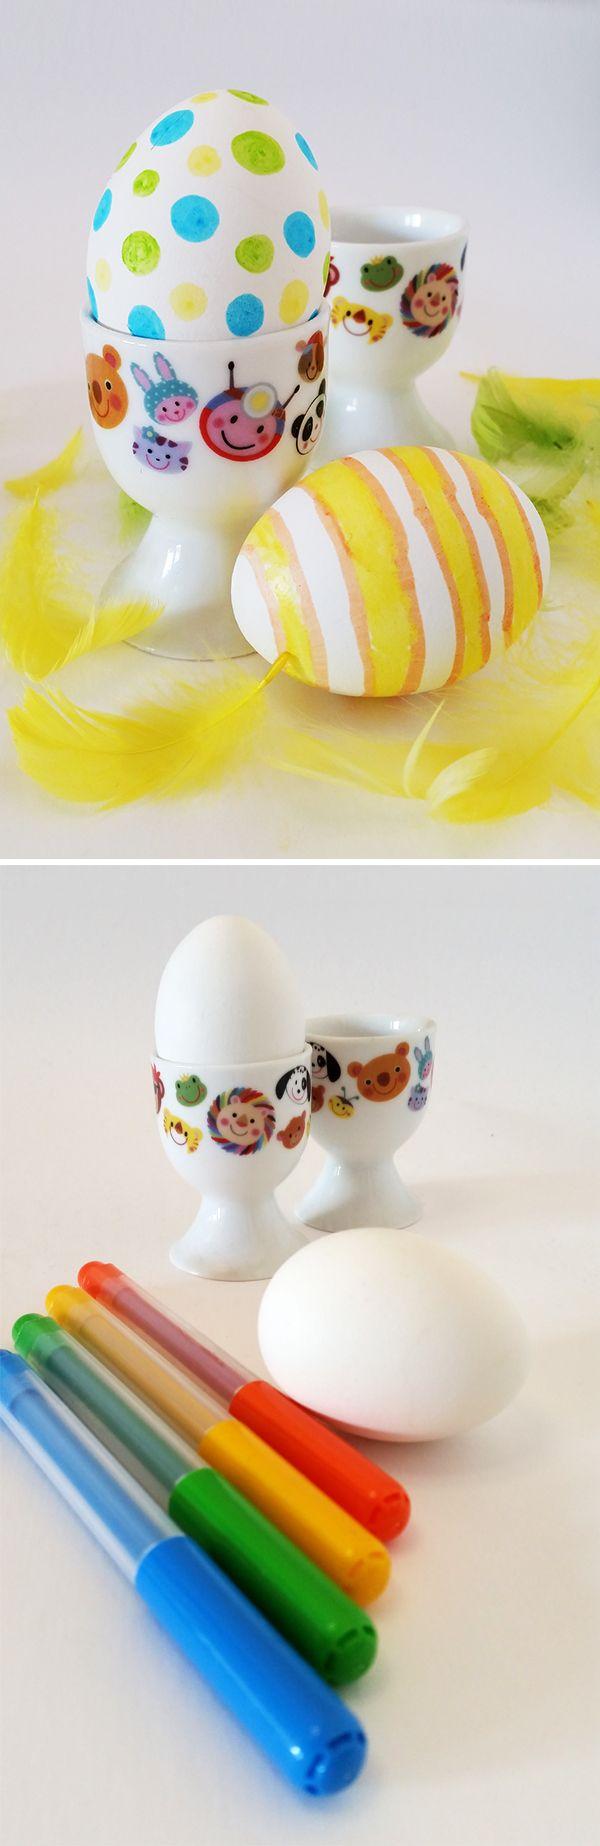 The 52 best Pääsiäinen images on Pinterest | Easter ideas, Kids ...